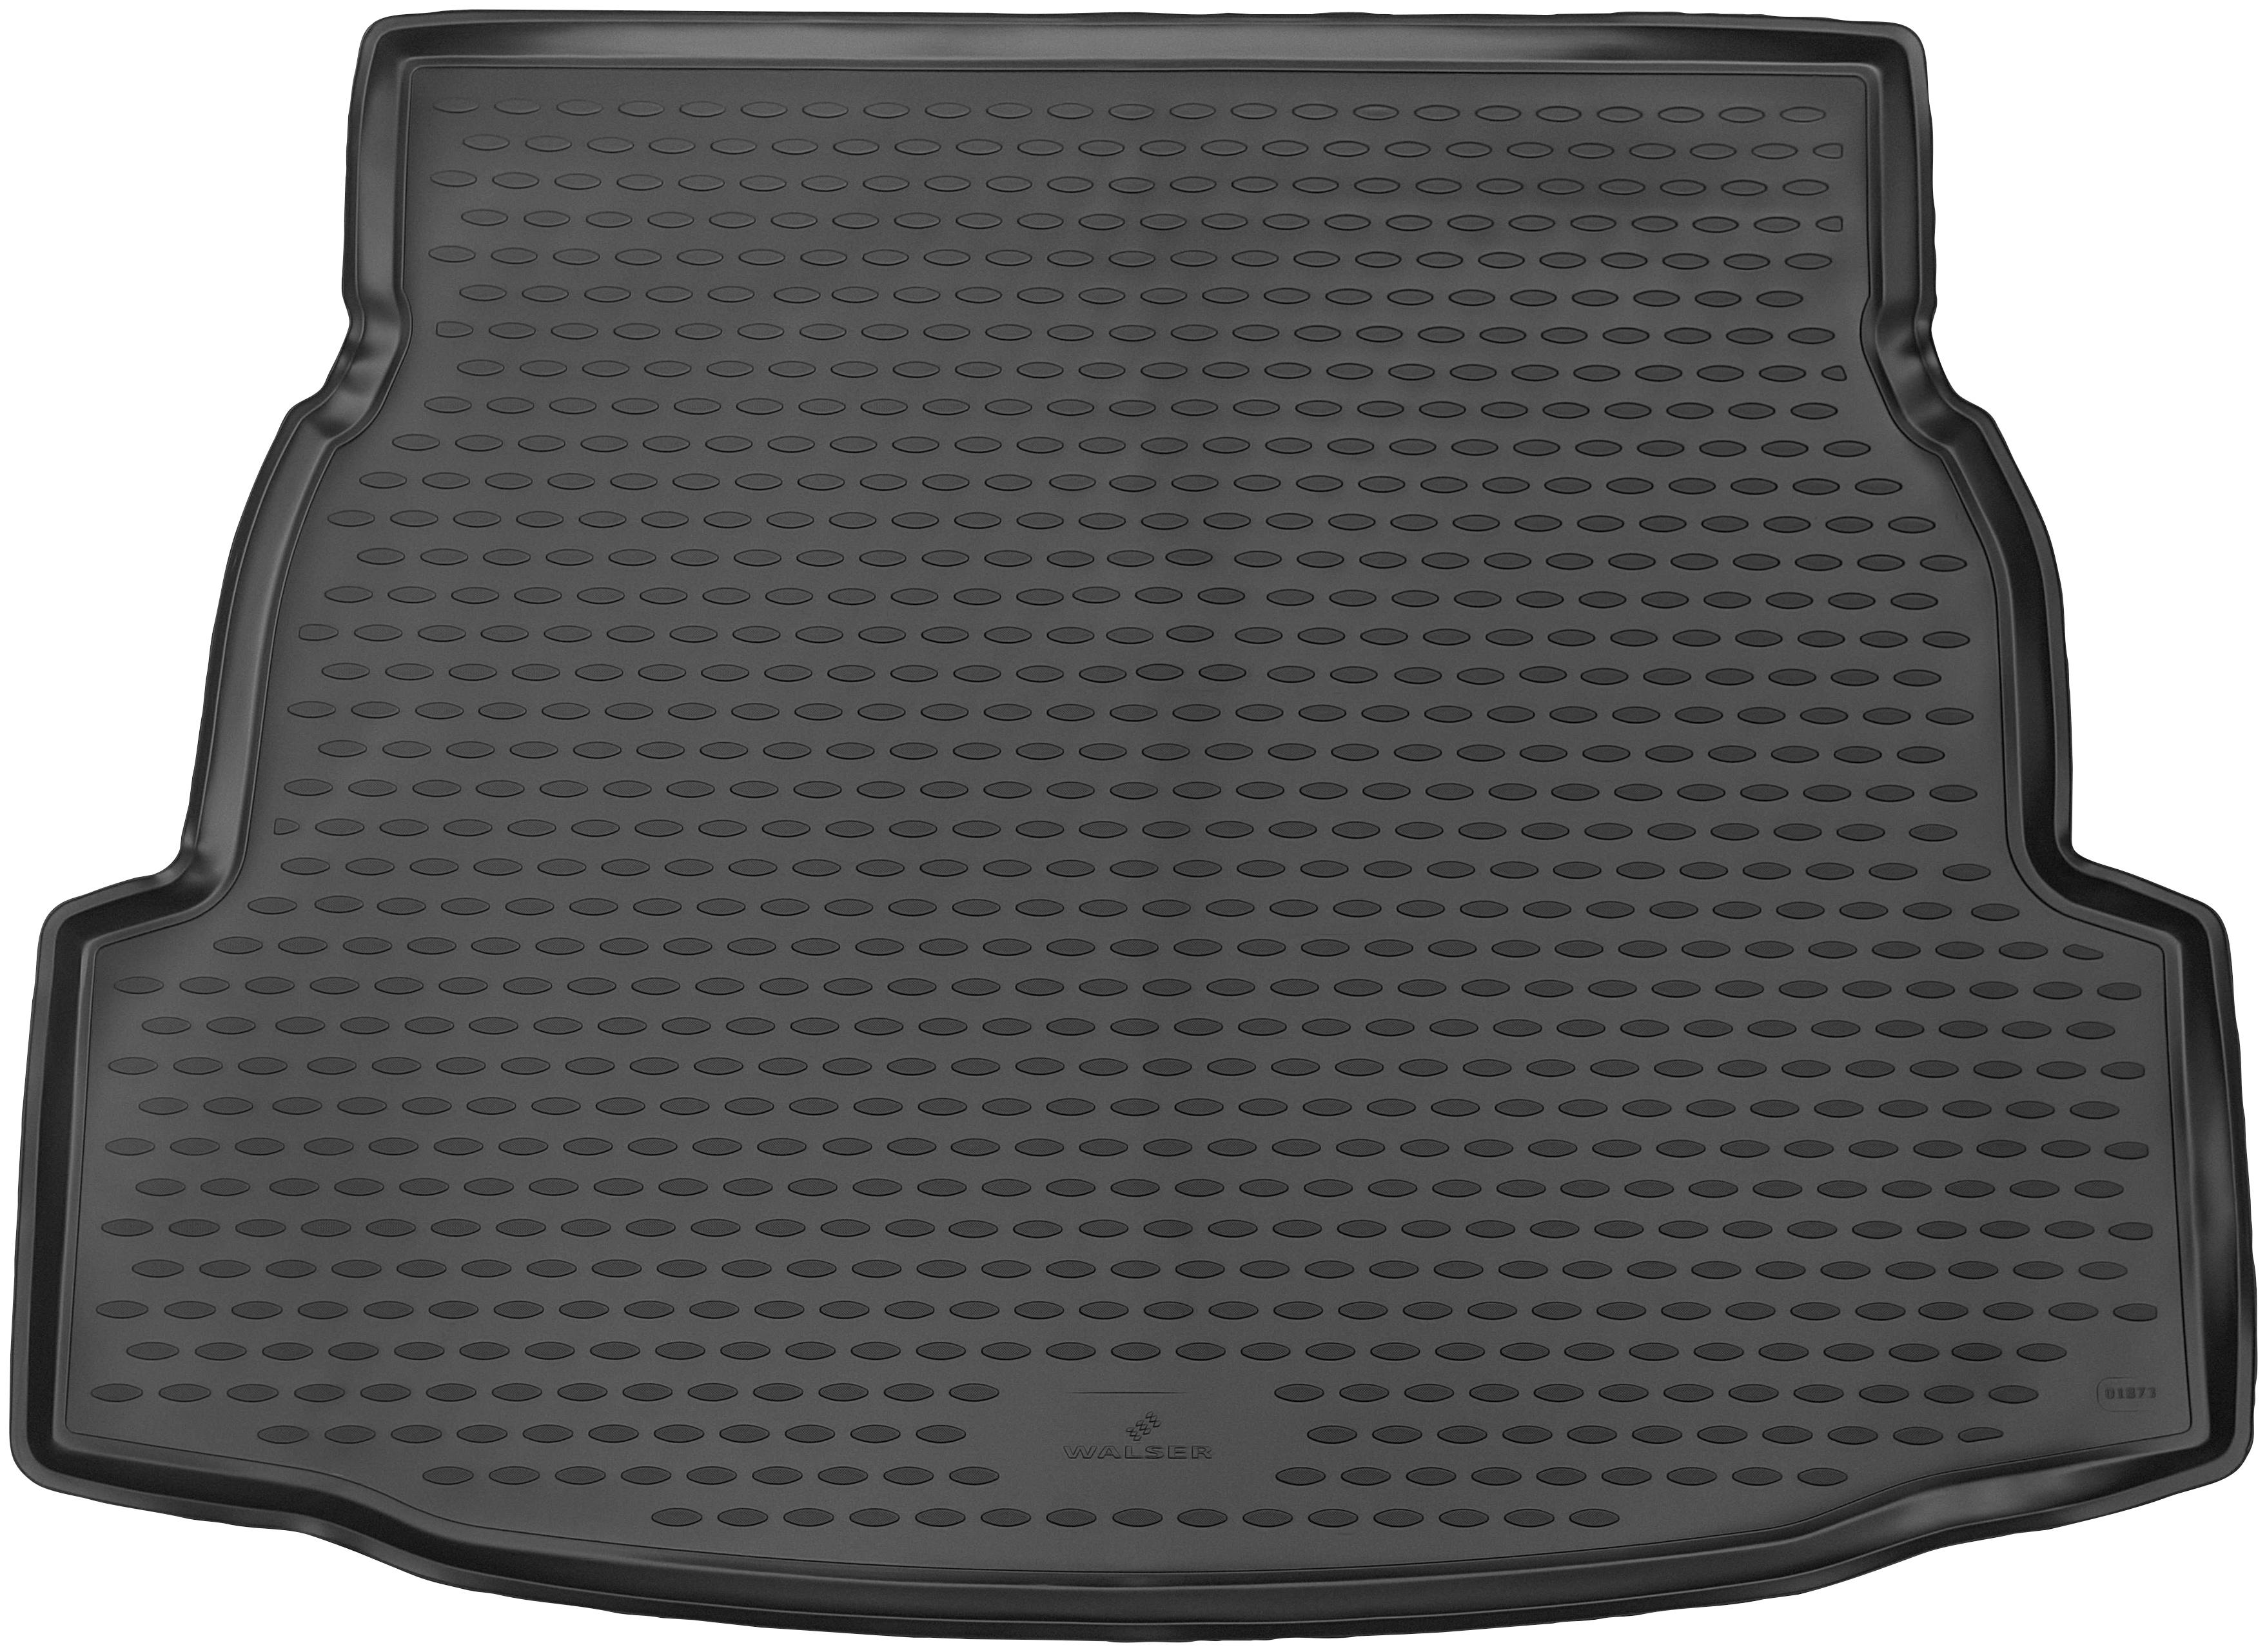 Walser Kofferraummatte XTR, Toyota, RAV4, SUV, für Toyota RAV4 V (XA50) Hybrid BJ 2018 bis Heute schwarz Automatten Autozubehör Reifen